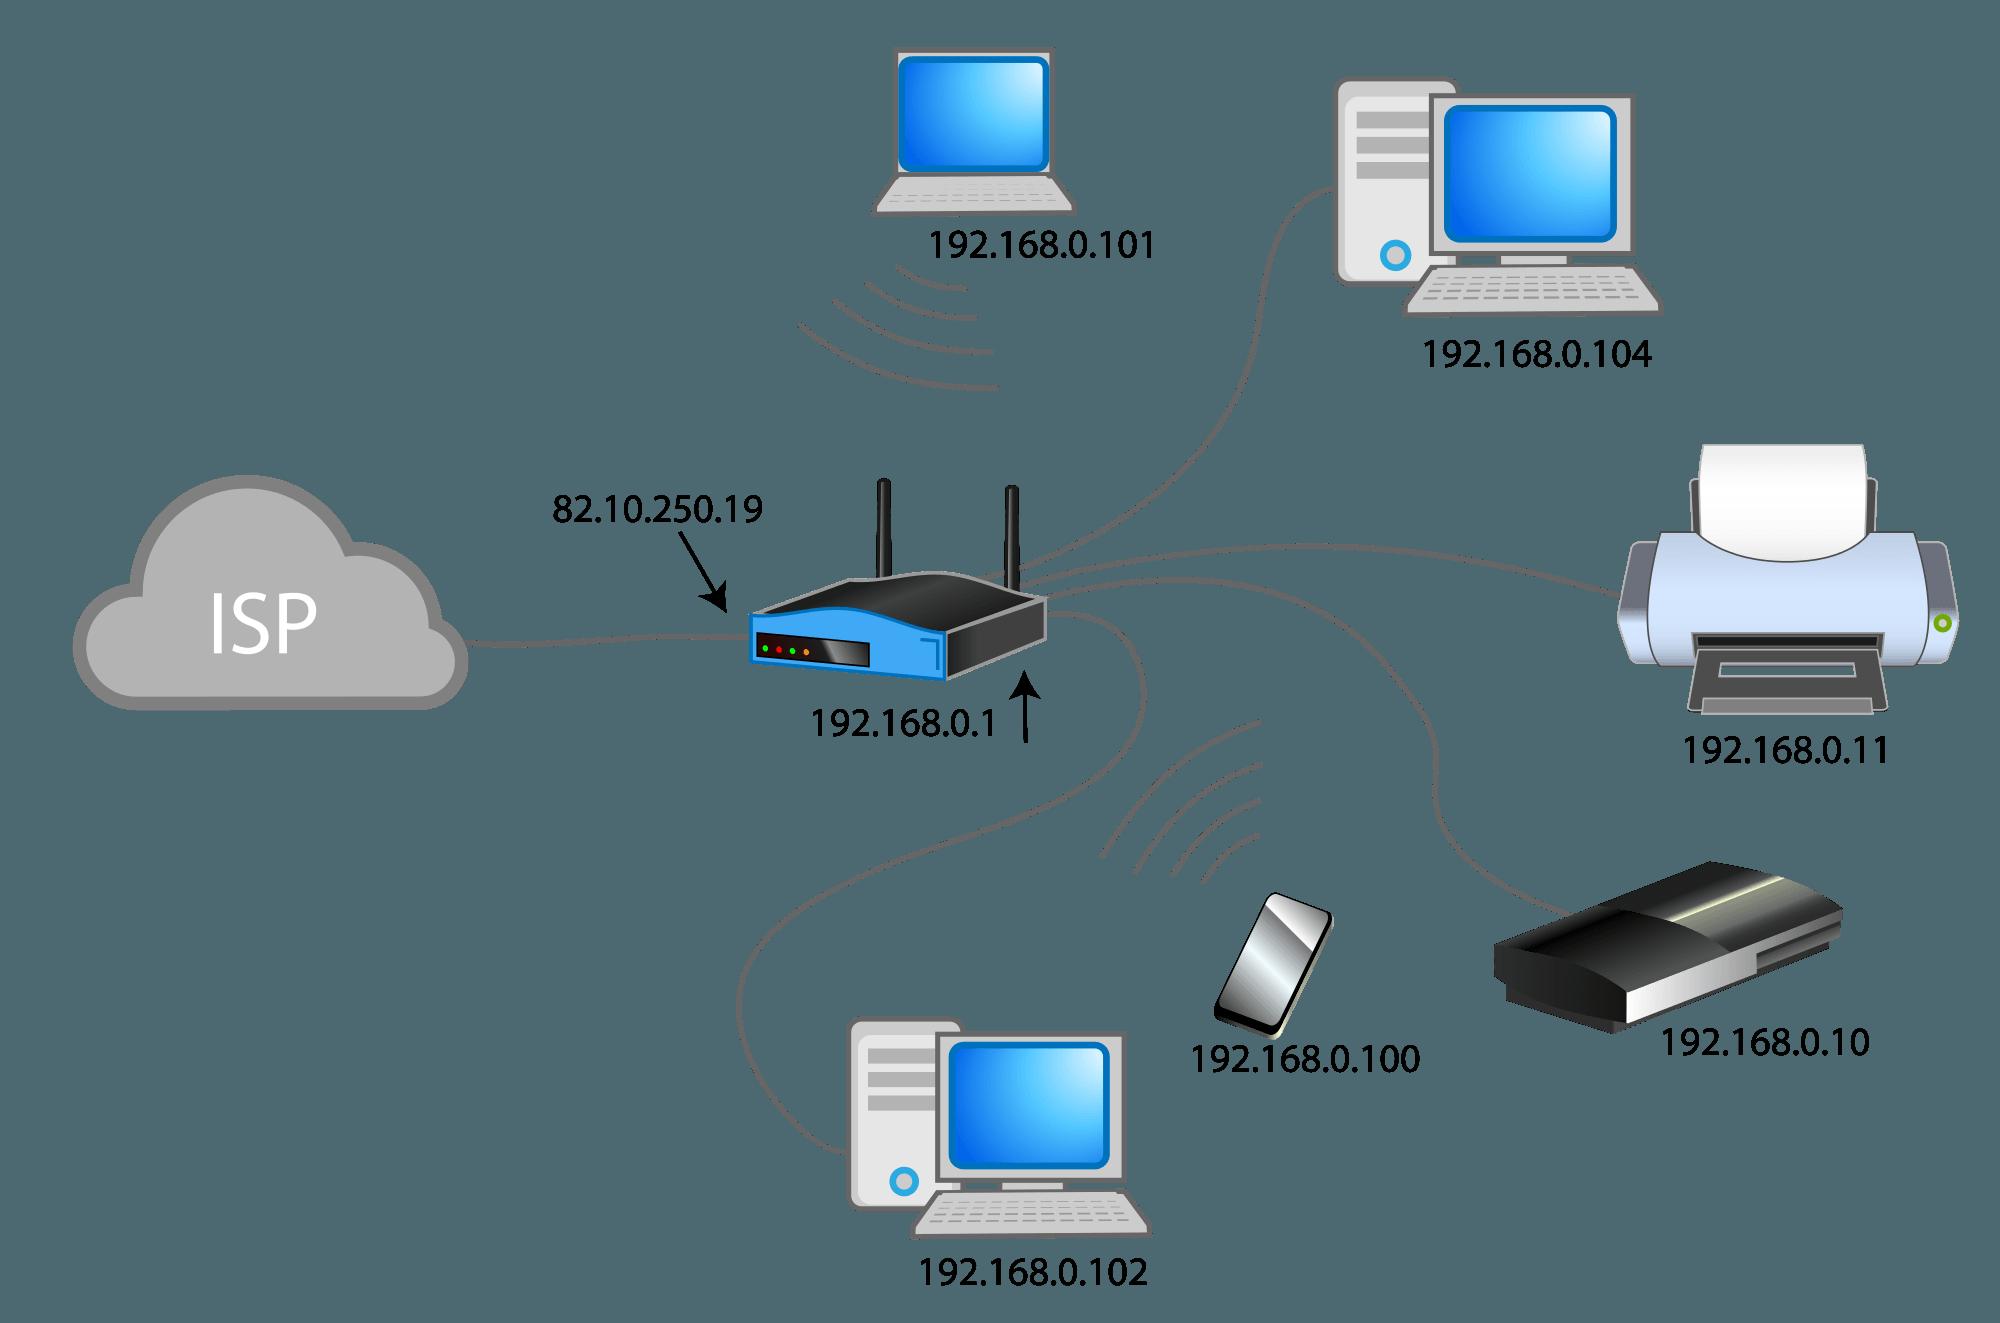 Configurar servidor dns cach con tu raspberry pi para mejorar la velocidad del tr fico de tu - Connection between lifestyle home design ...